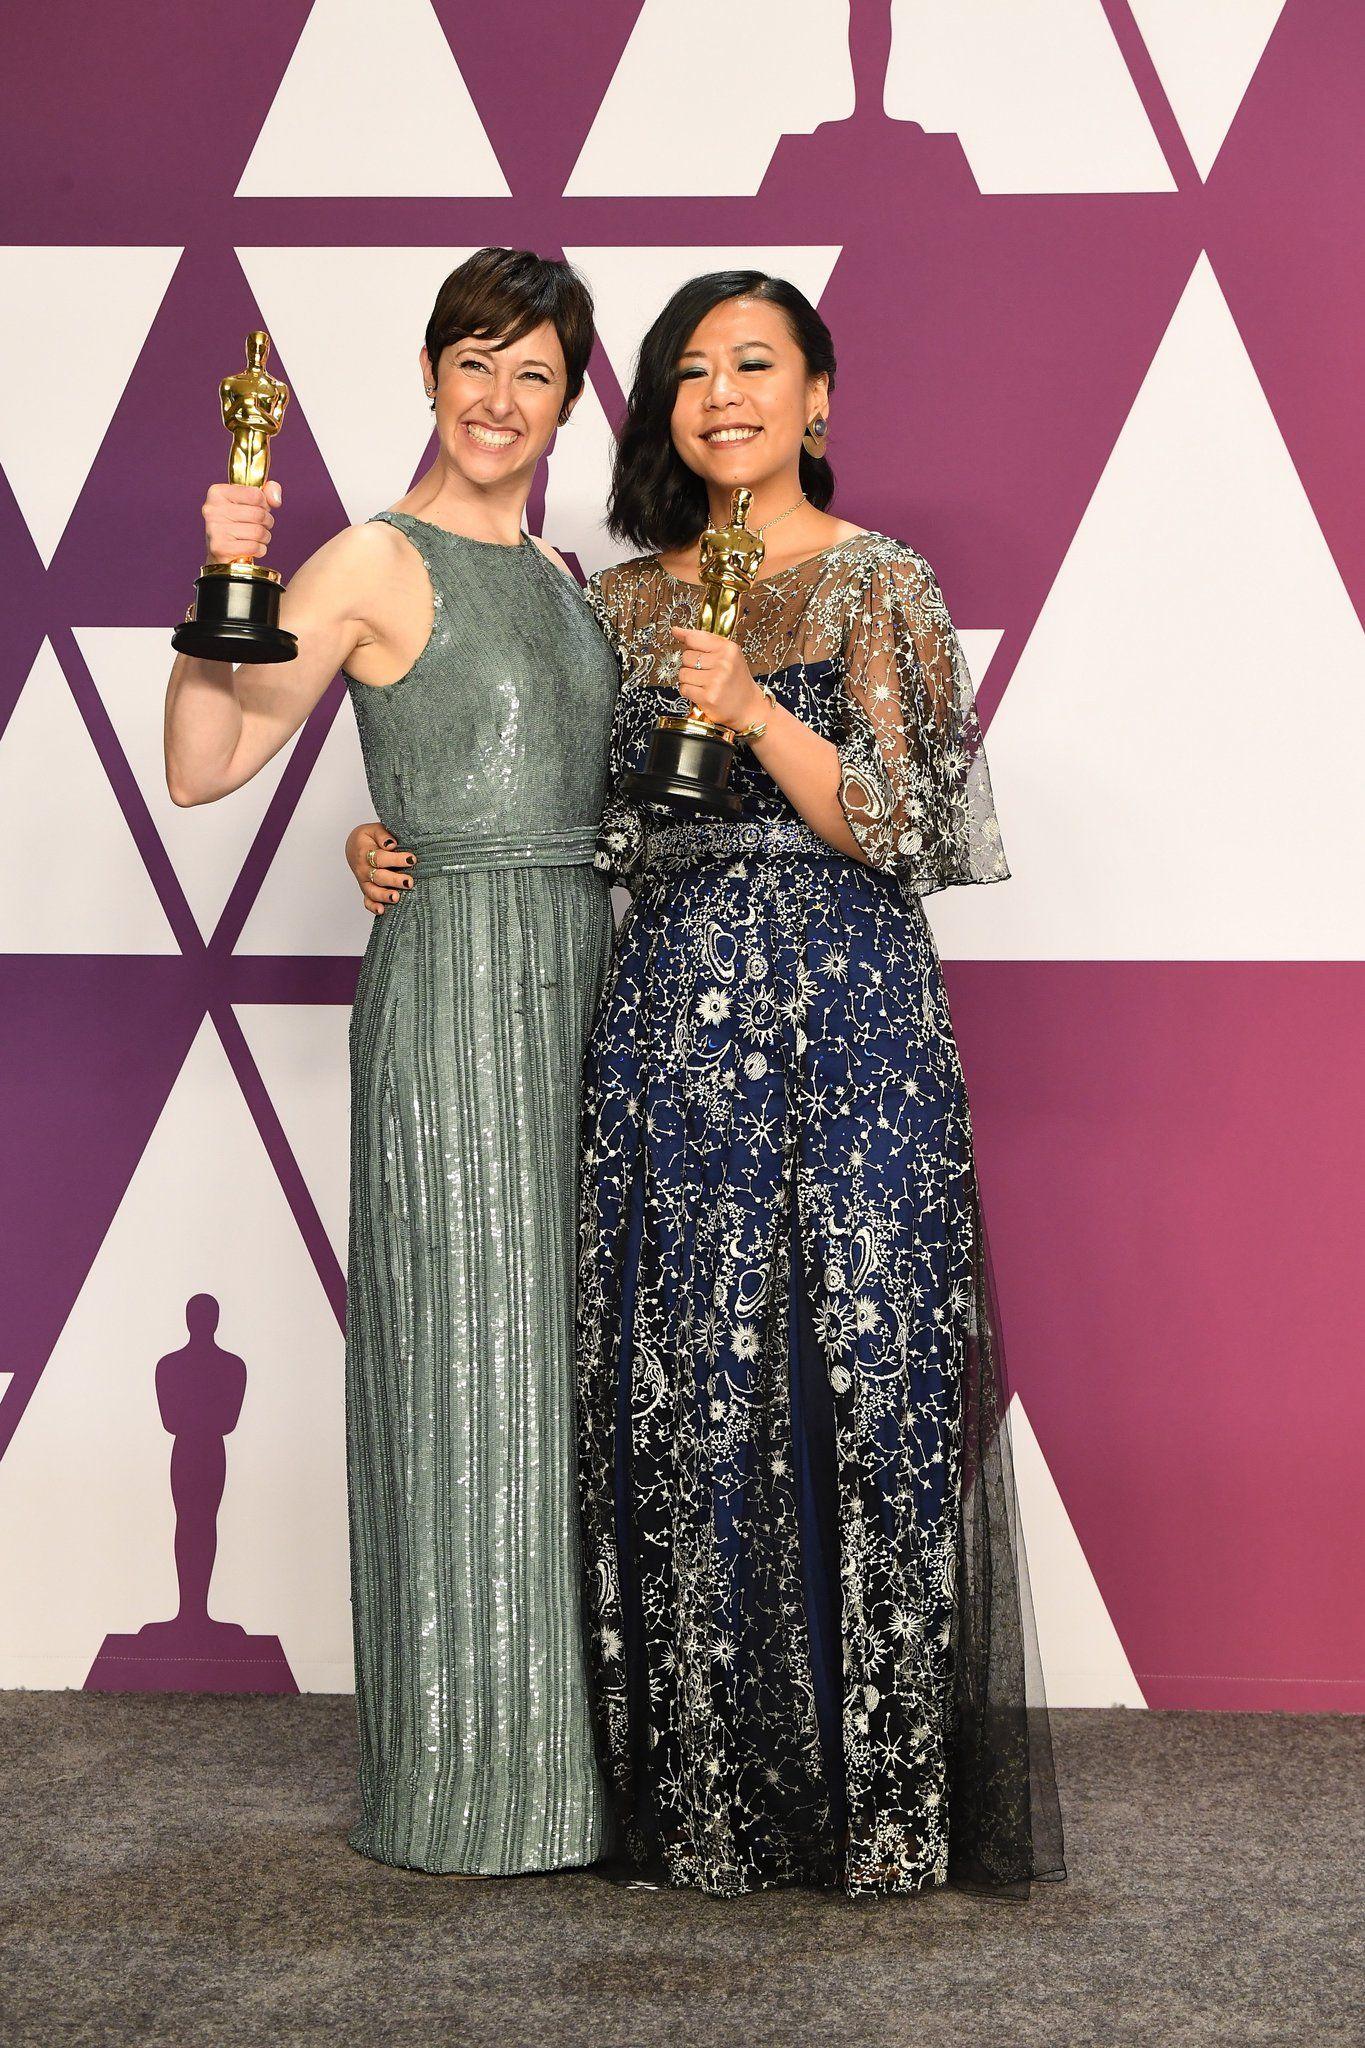 The Oscars 2021 | 93rd Academy Awards | Oscar dresses ...